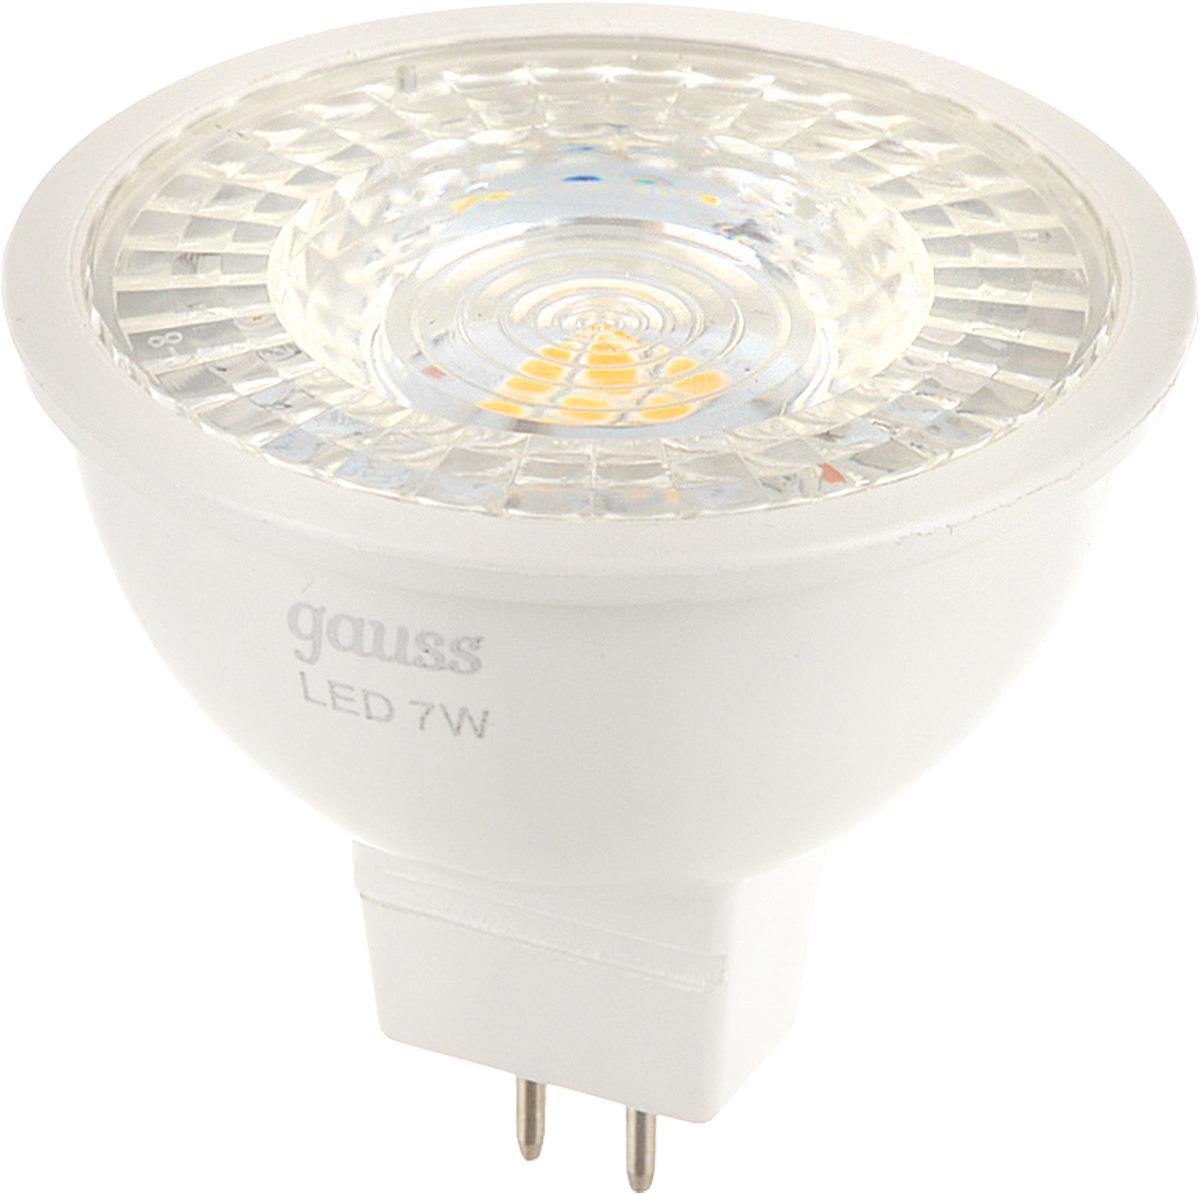 Лампа светодиодная Gauss MR16, цвет: белый, 7Вт, 4100К, GU5.3, 630лм, 150-265В. 101505207 лампа светодиодная gauss ld53126